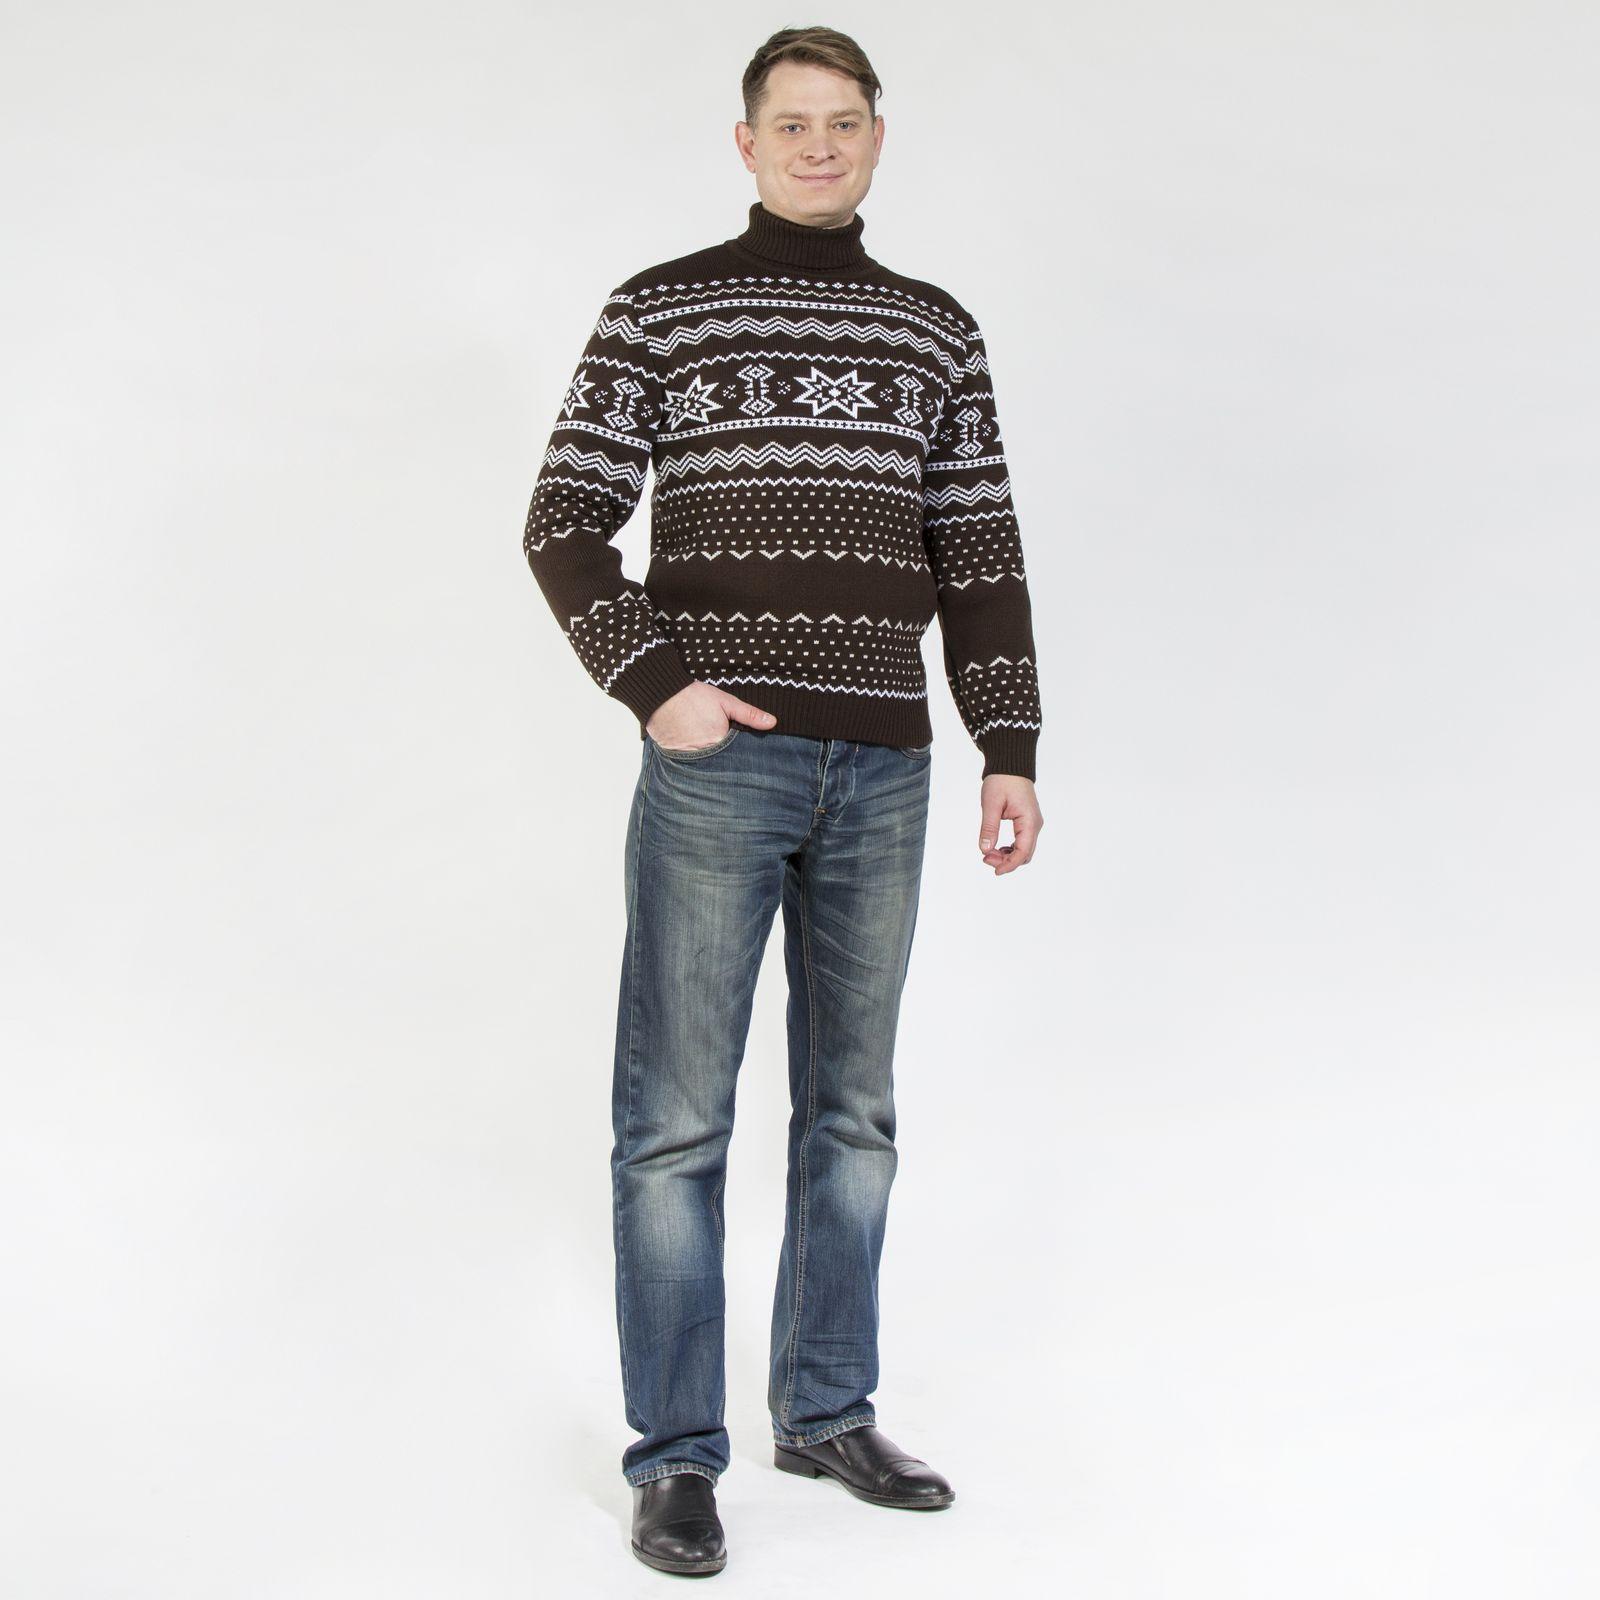 Джемпер со скандинавским узором